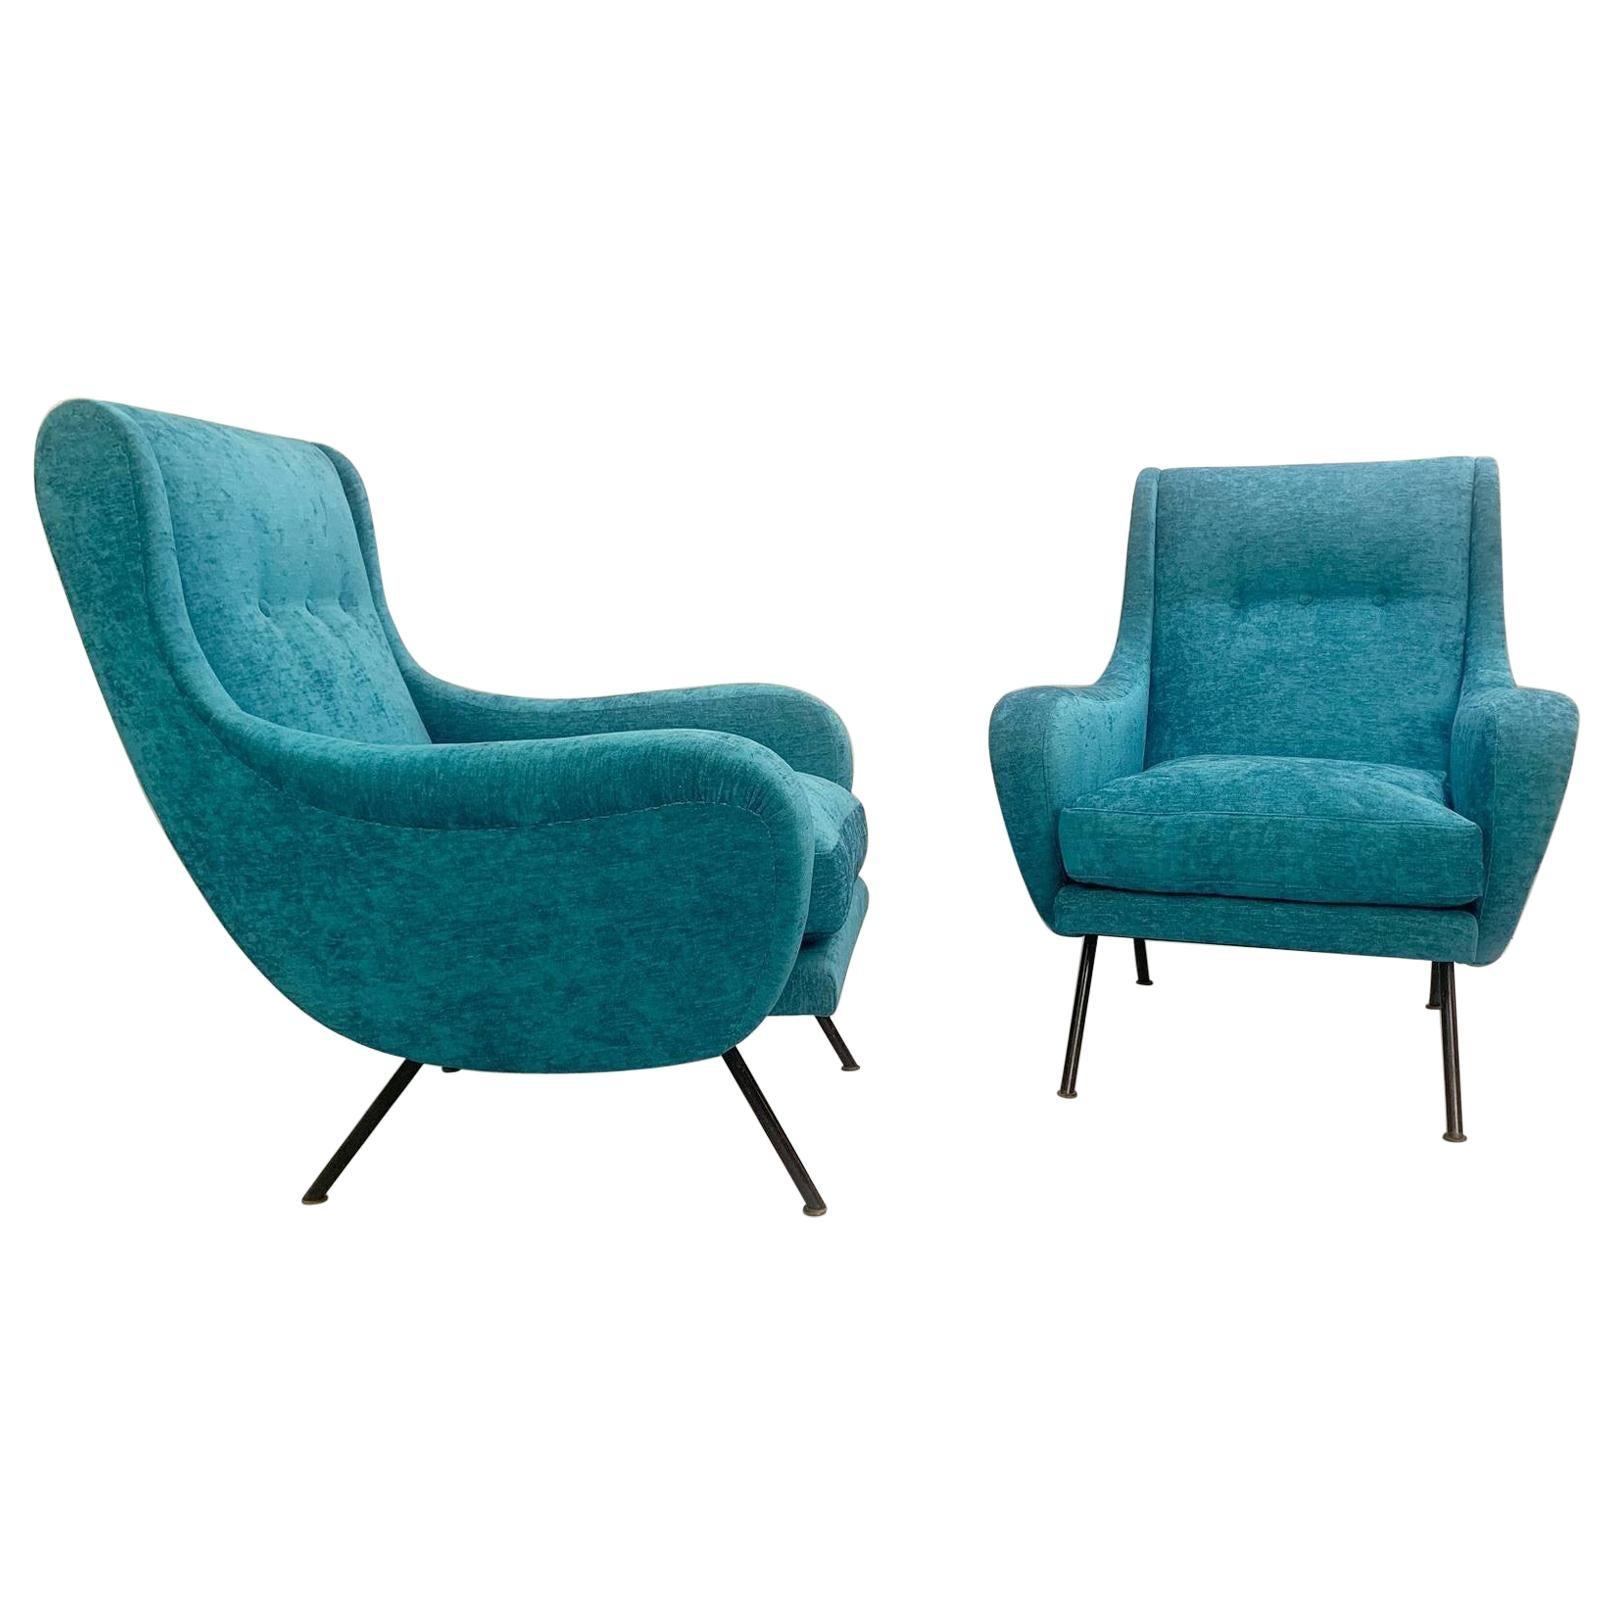 Pair of Italian Armchairs, New Velvet Upholstery, 1950s